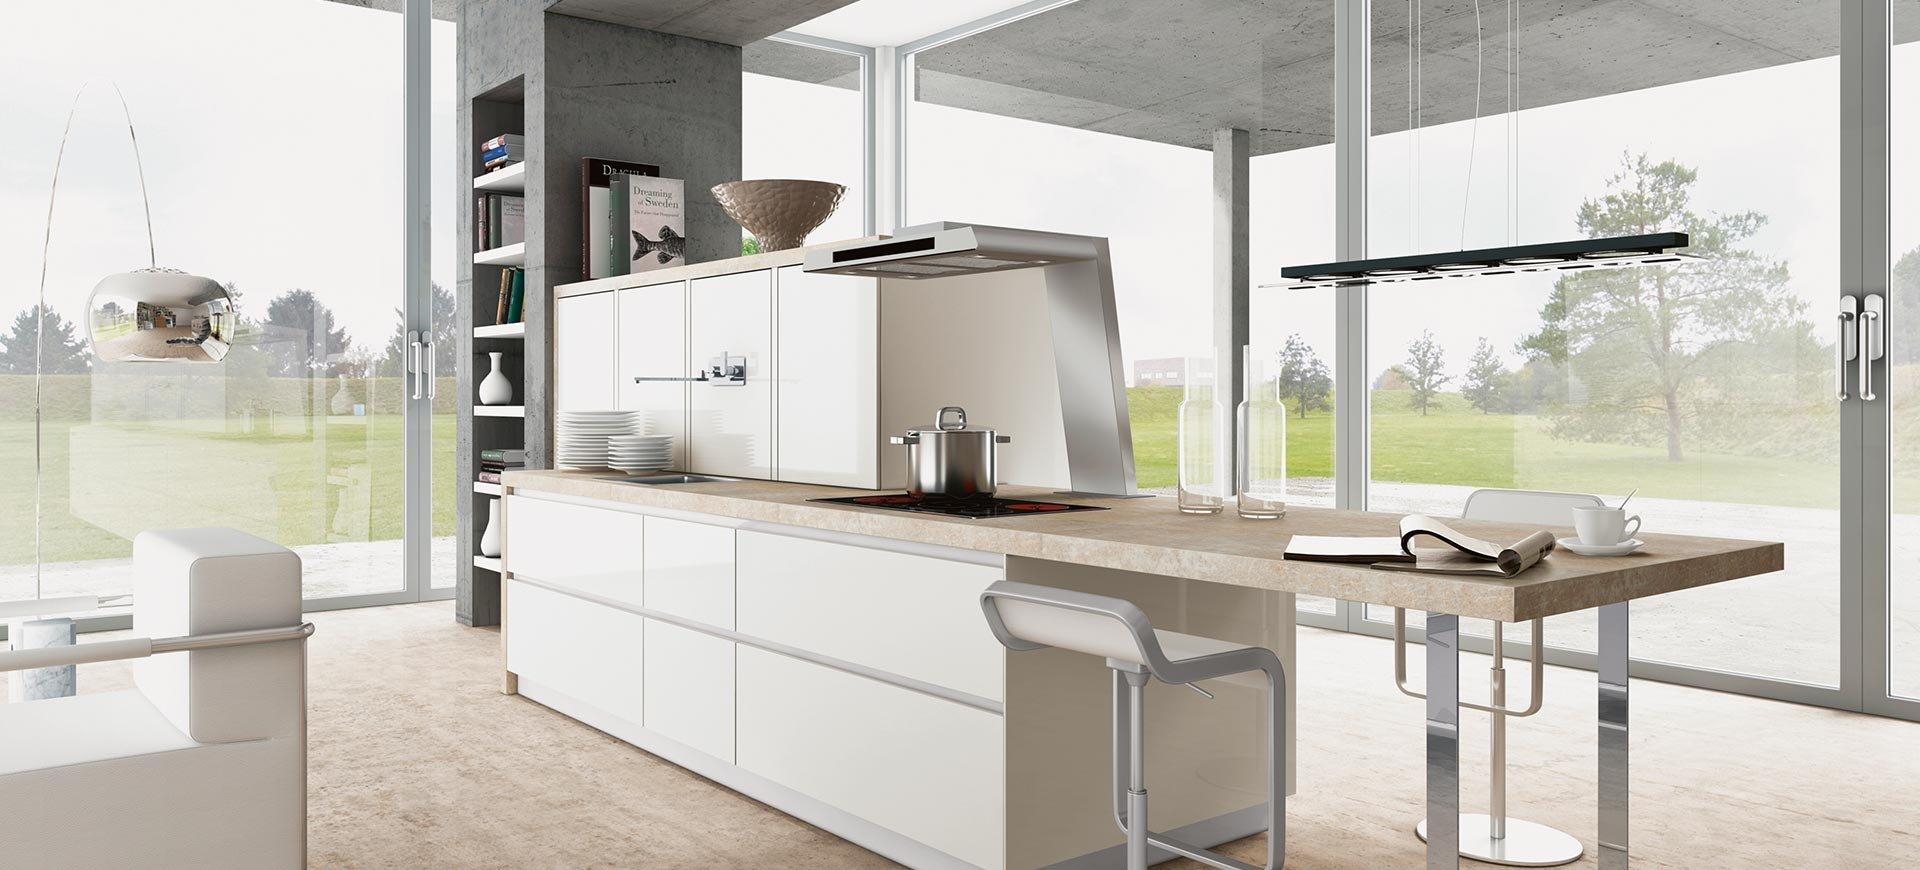 Unique kitchen designs by SEA - SEA Services GmbH